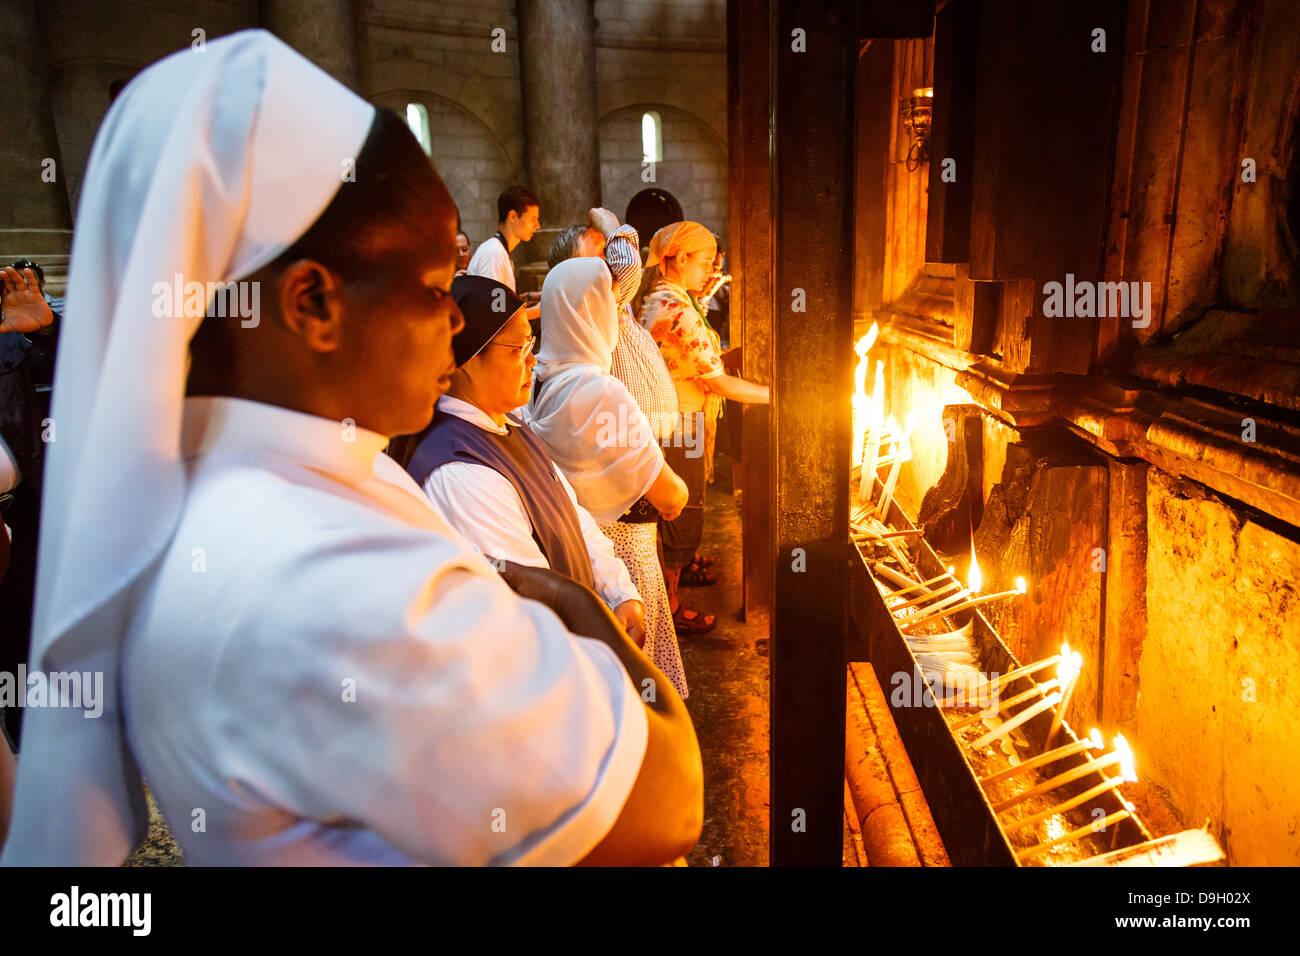 Las personas en la iglesia del Santo Sepulcro en la ciudad vieja de Jerusalén, Israel. Imagen De Stock